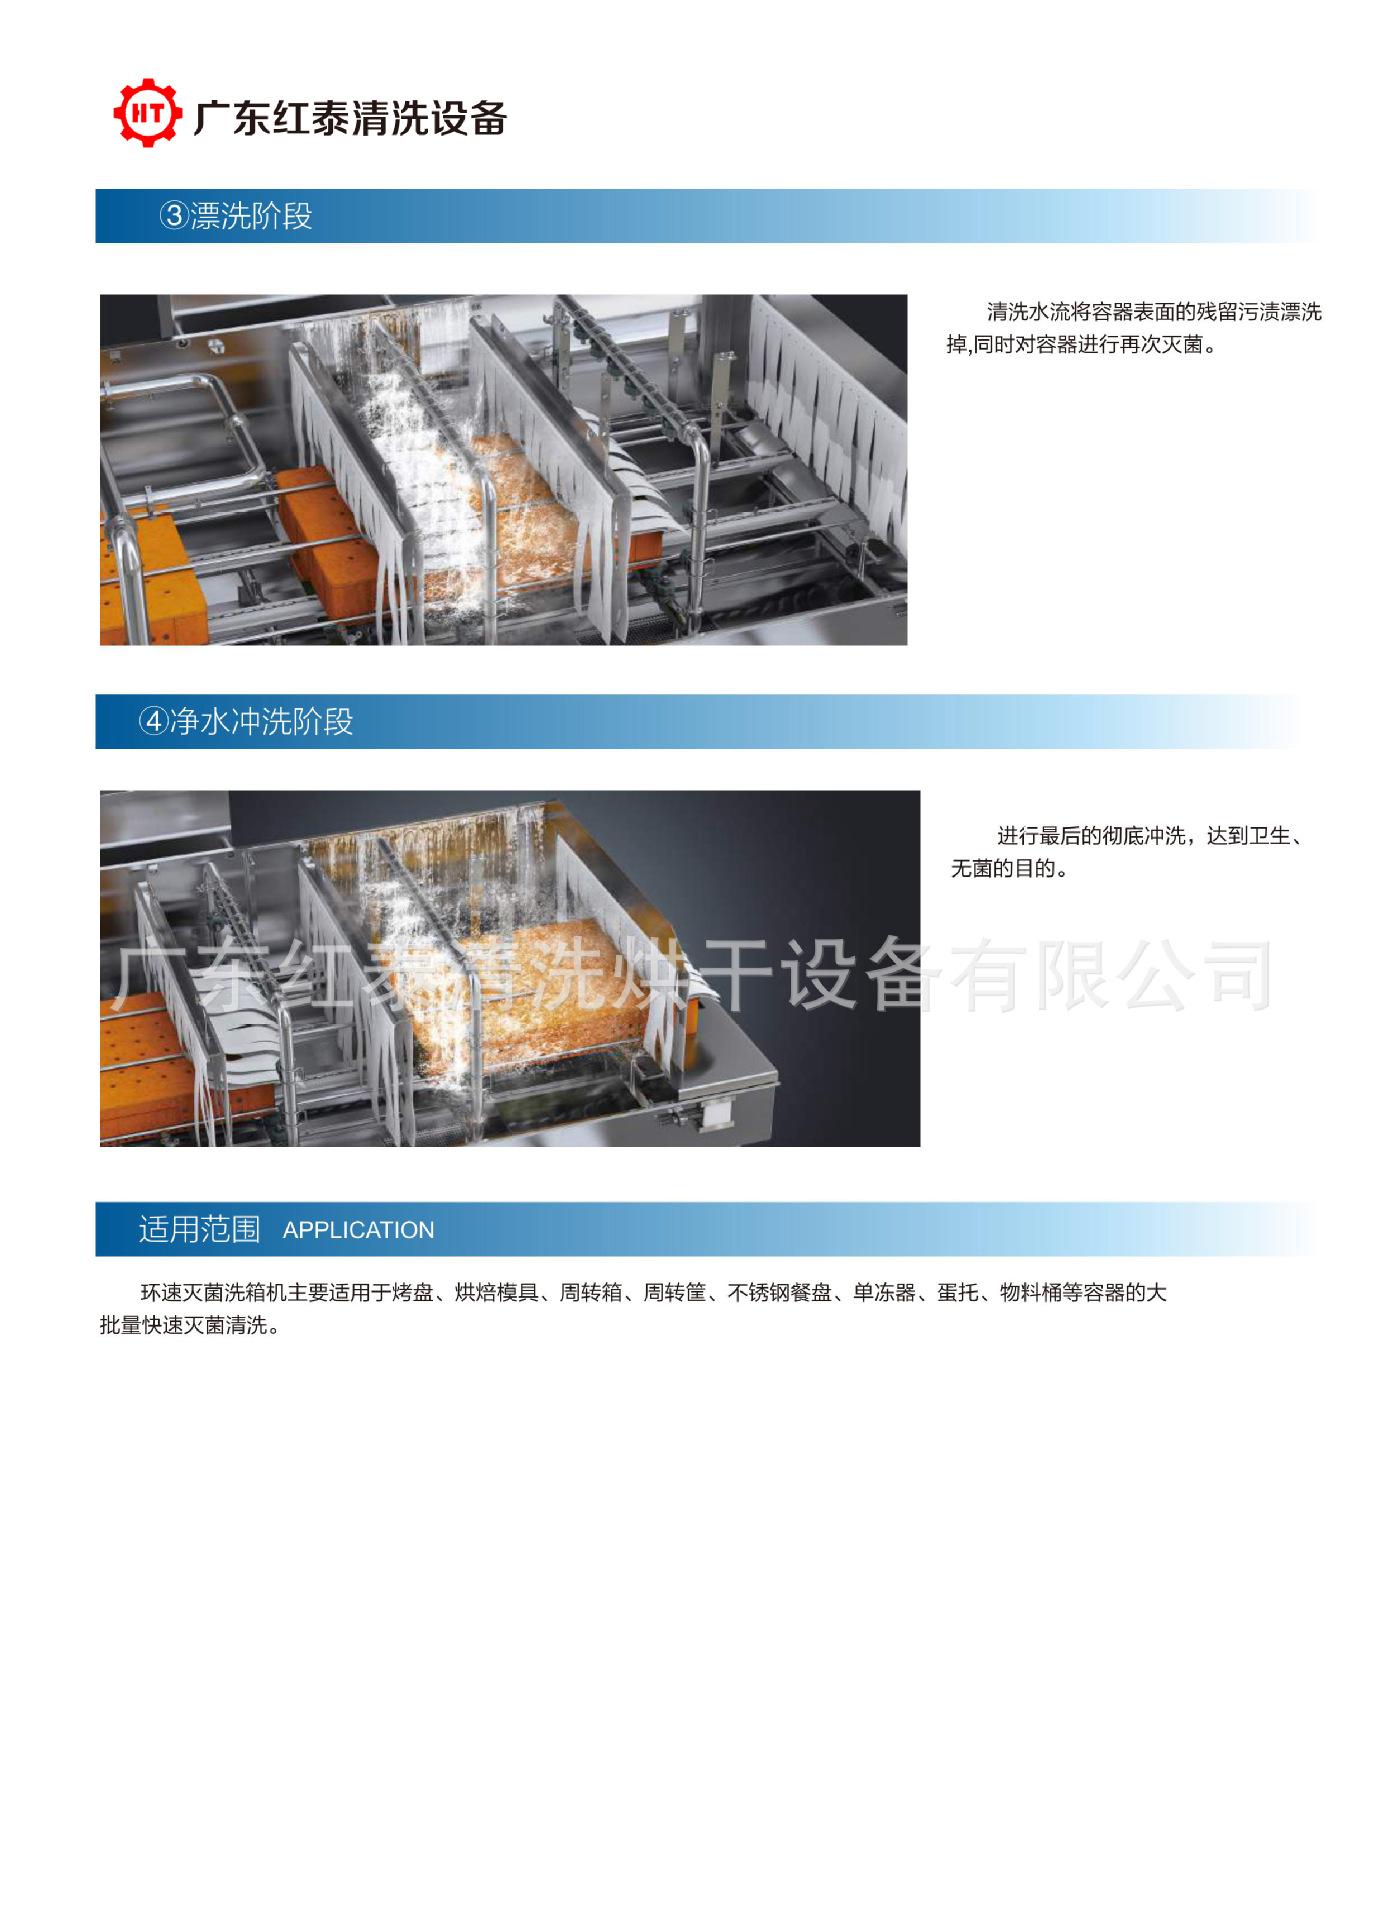 定制高效全自动周转箱清洗机 广州洗箱机厂家定制 10年设计经验示例图7